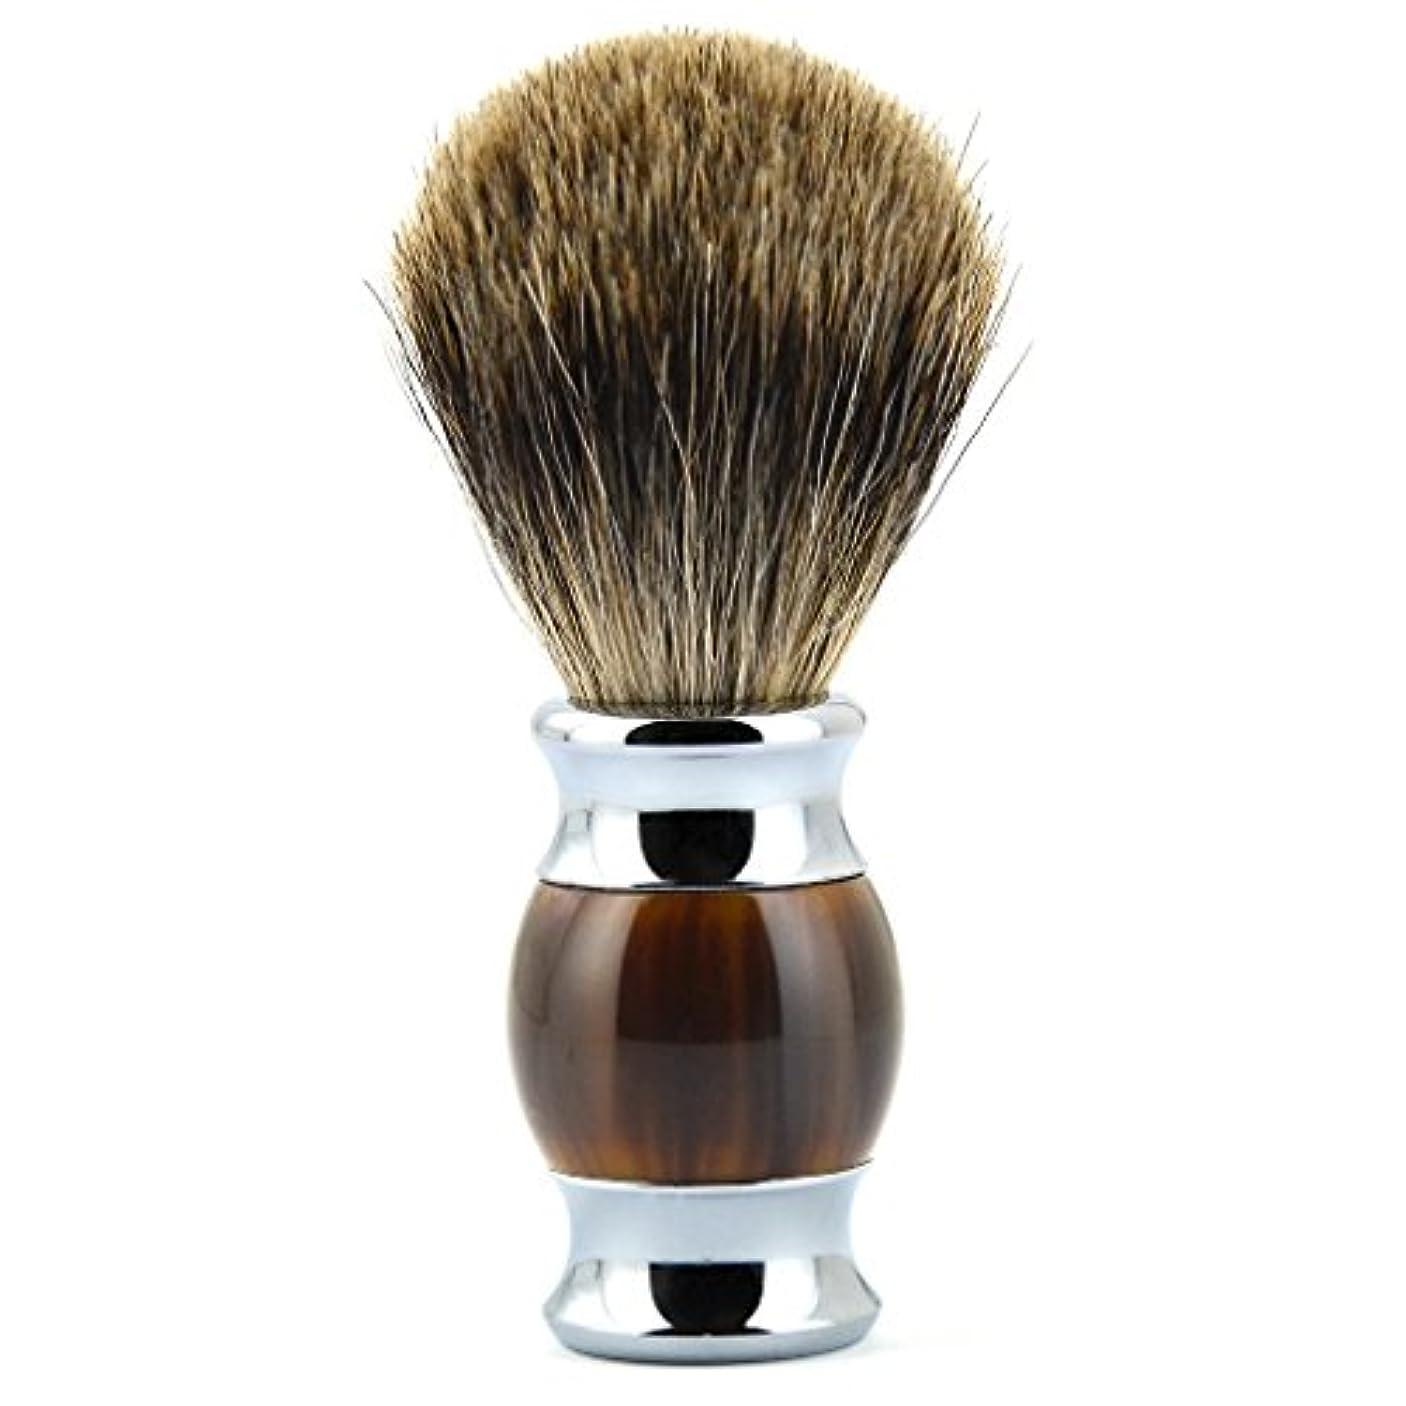 温室通知直径TopFires ひげブラシ シェービング ブラシ シェービング用ブラシ メンズ 100% アナグマ毛 理容 洗顔 髭剃り 泡立ち